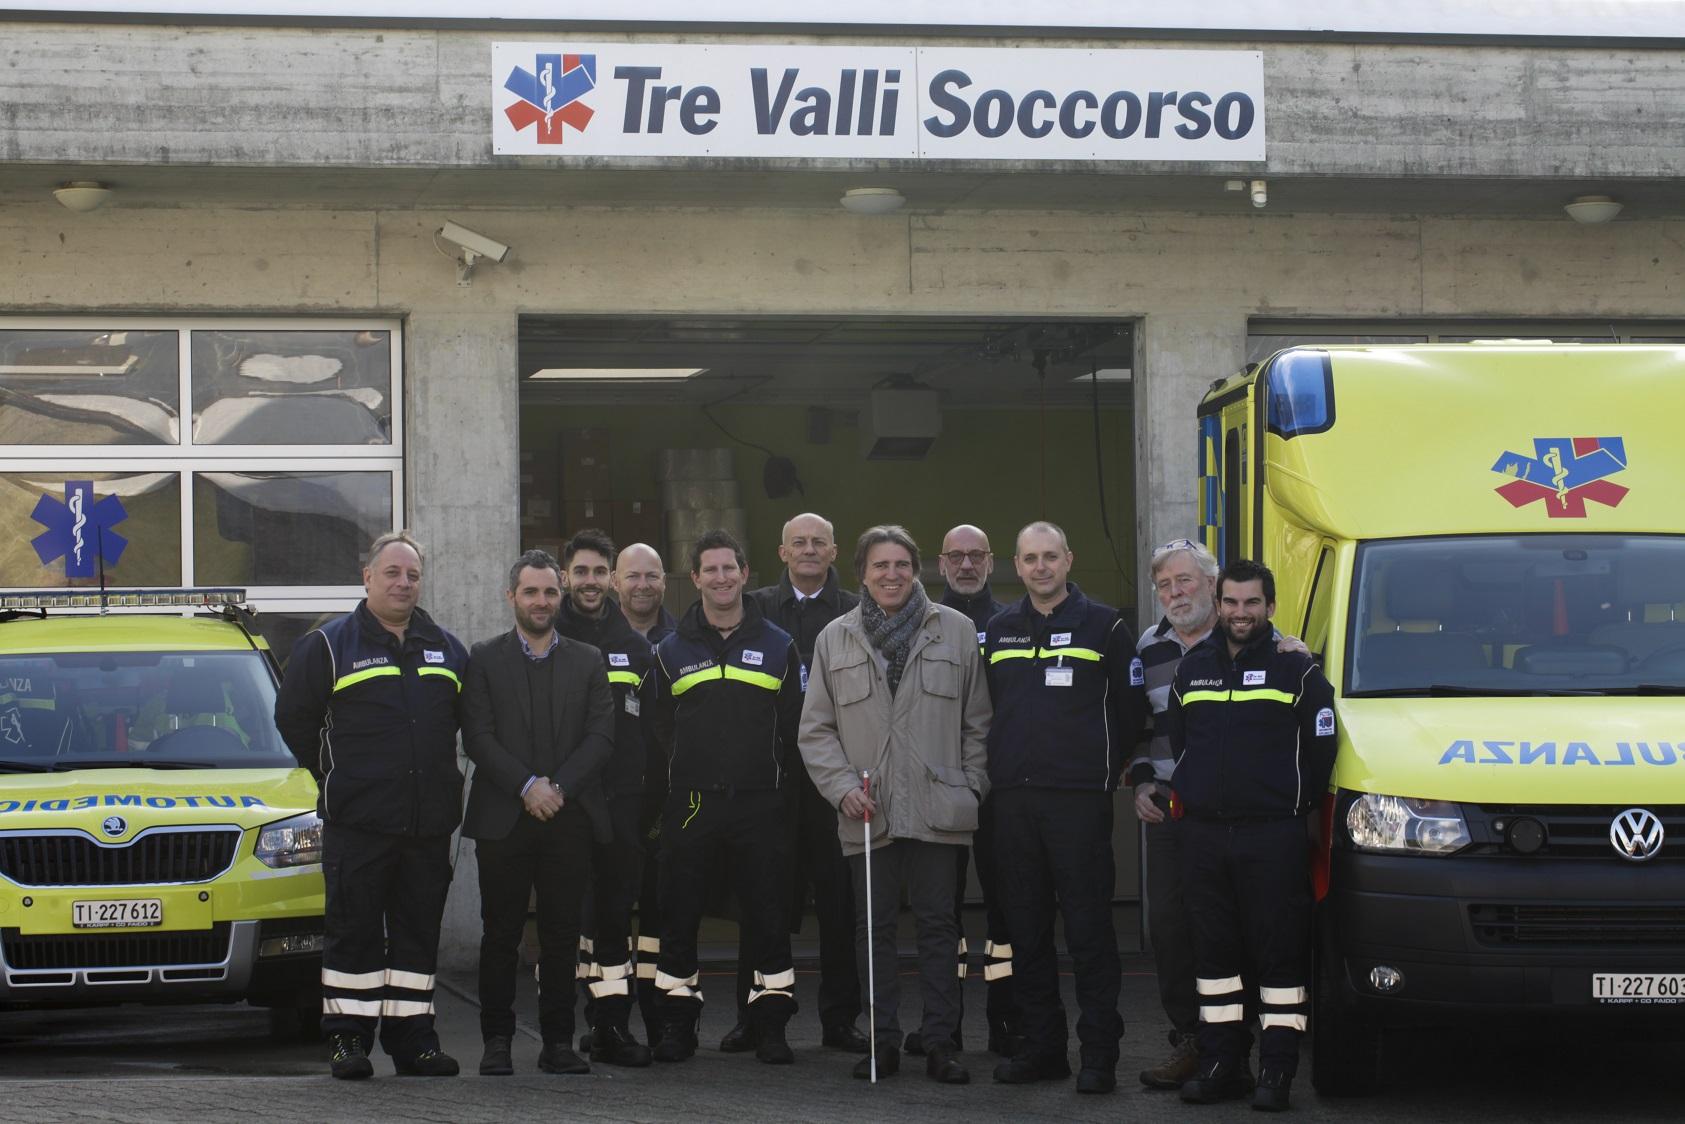 Il Presidente del Consiglio di Stato Bertoli in visita a Tre Valli Soccorso